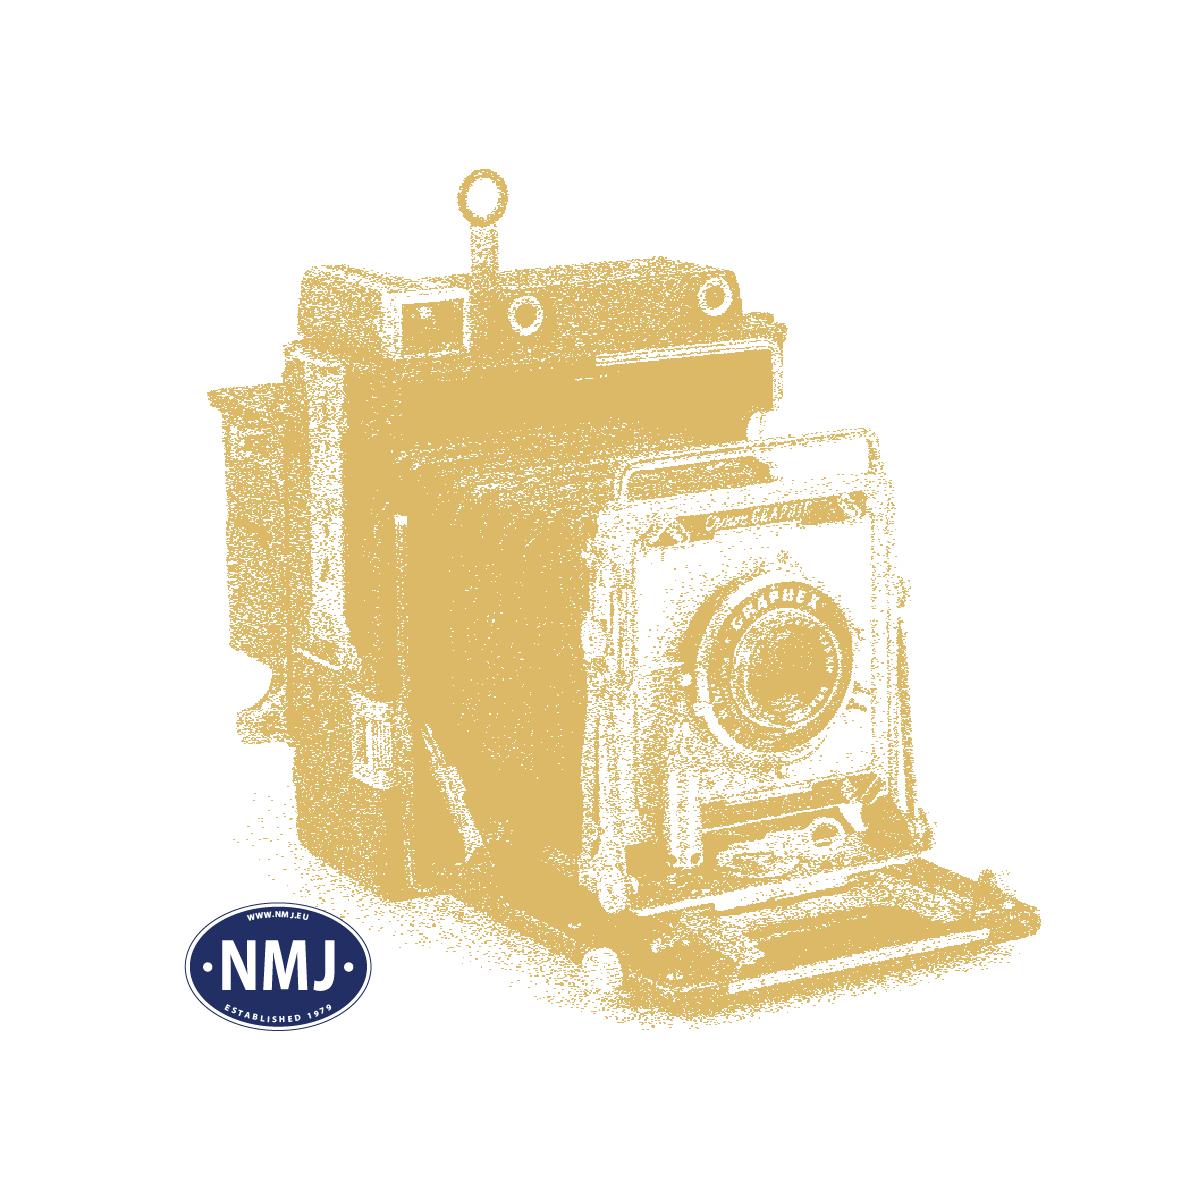 Topline Godsvogner, nmj-topline-507125-cargonet-lgns-42-76-443-2146-0-farris-postnord-h0, NMJT507.125